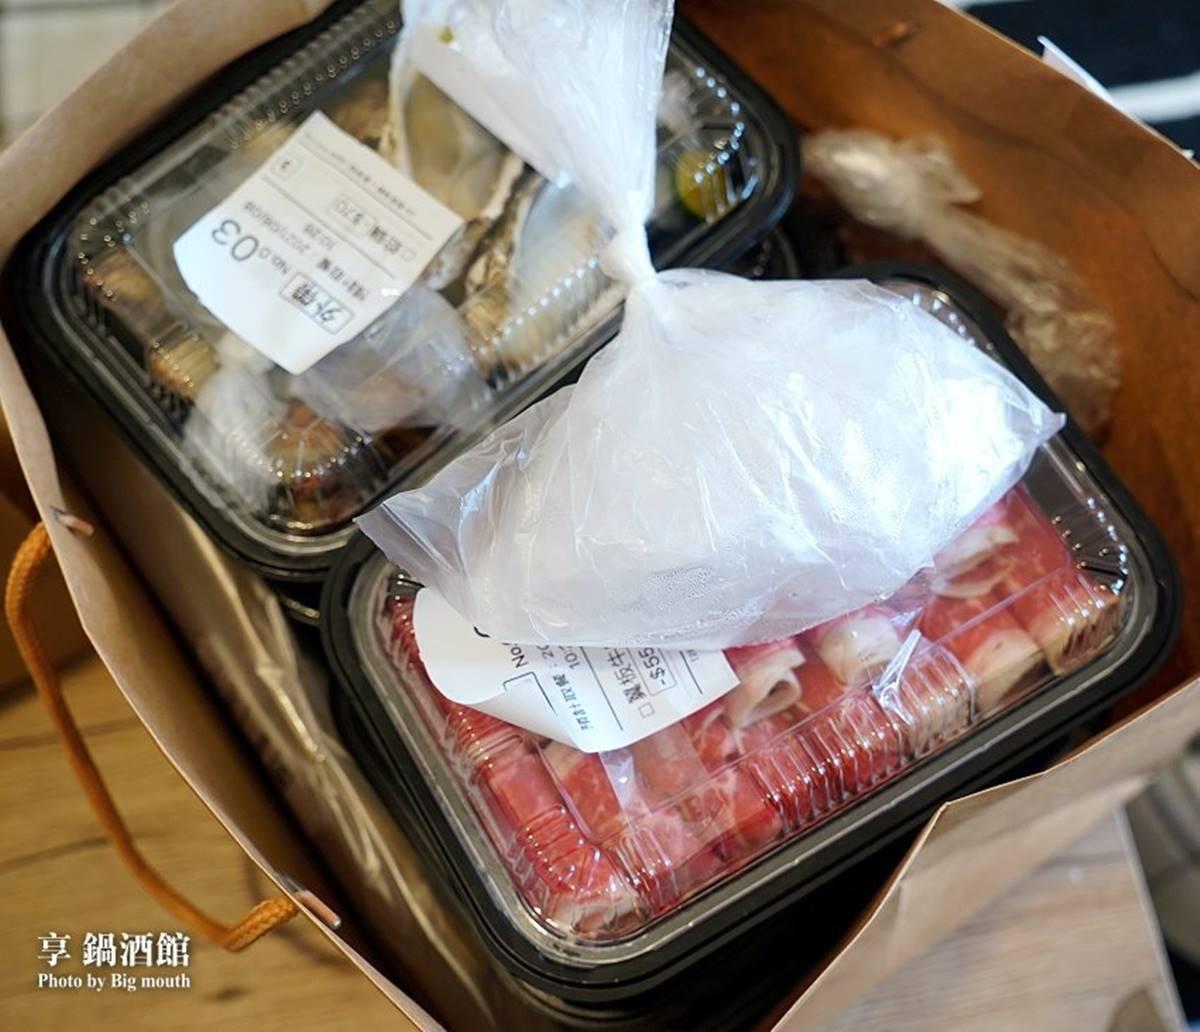 讓你吃到爽!祕製火鍋外帶套餐「買多少送多少」,必點2個手掌大草蝦、Prime級翼板牛